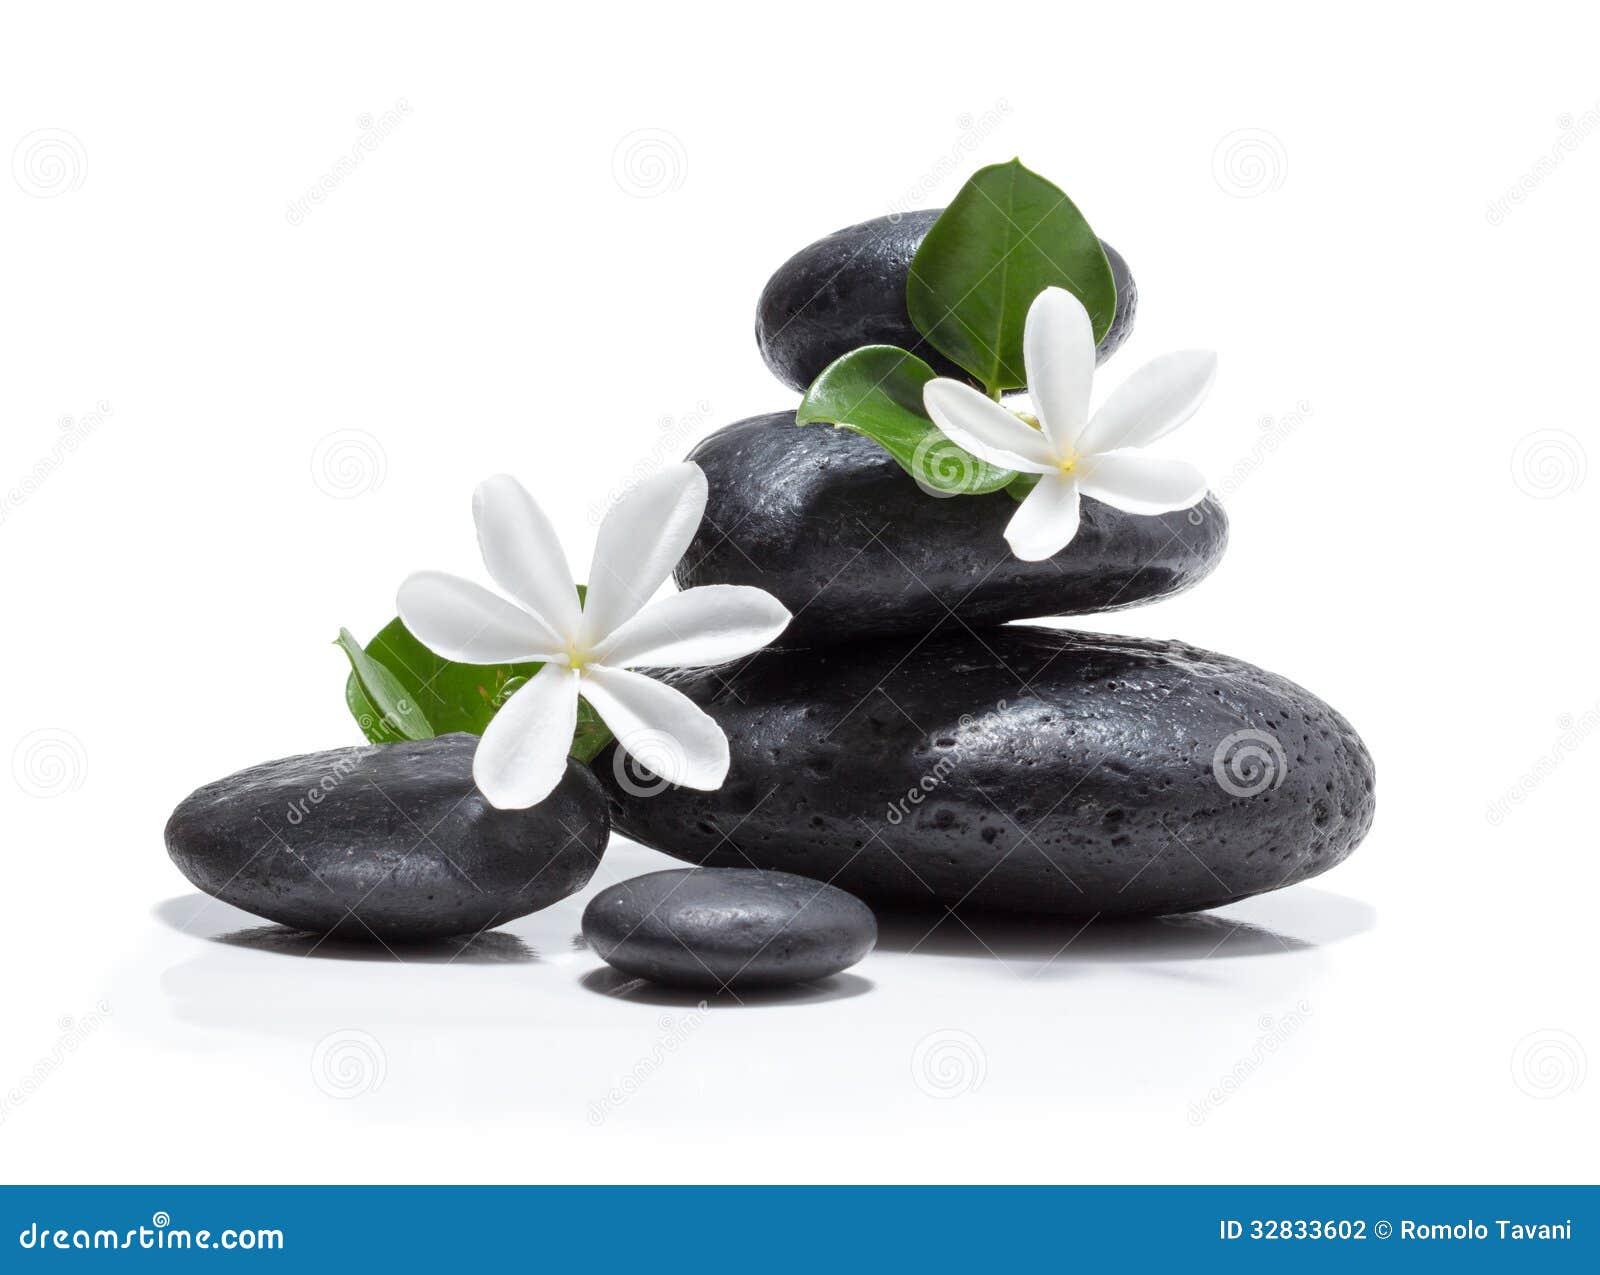 Dé masajes a las flores del tiare, a la vela y al balneario de piedra negro